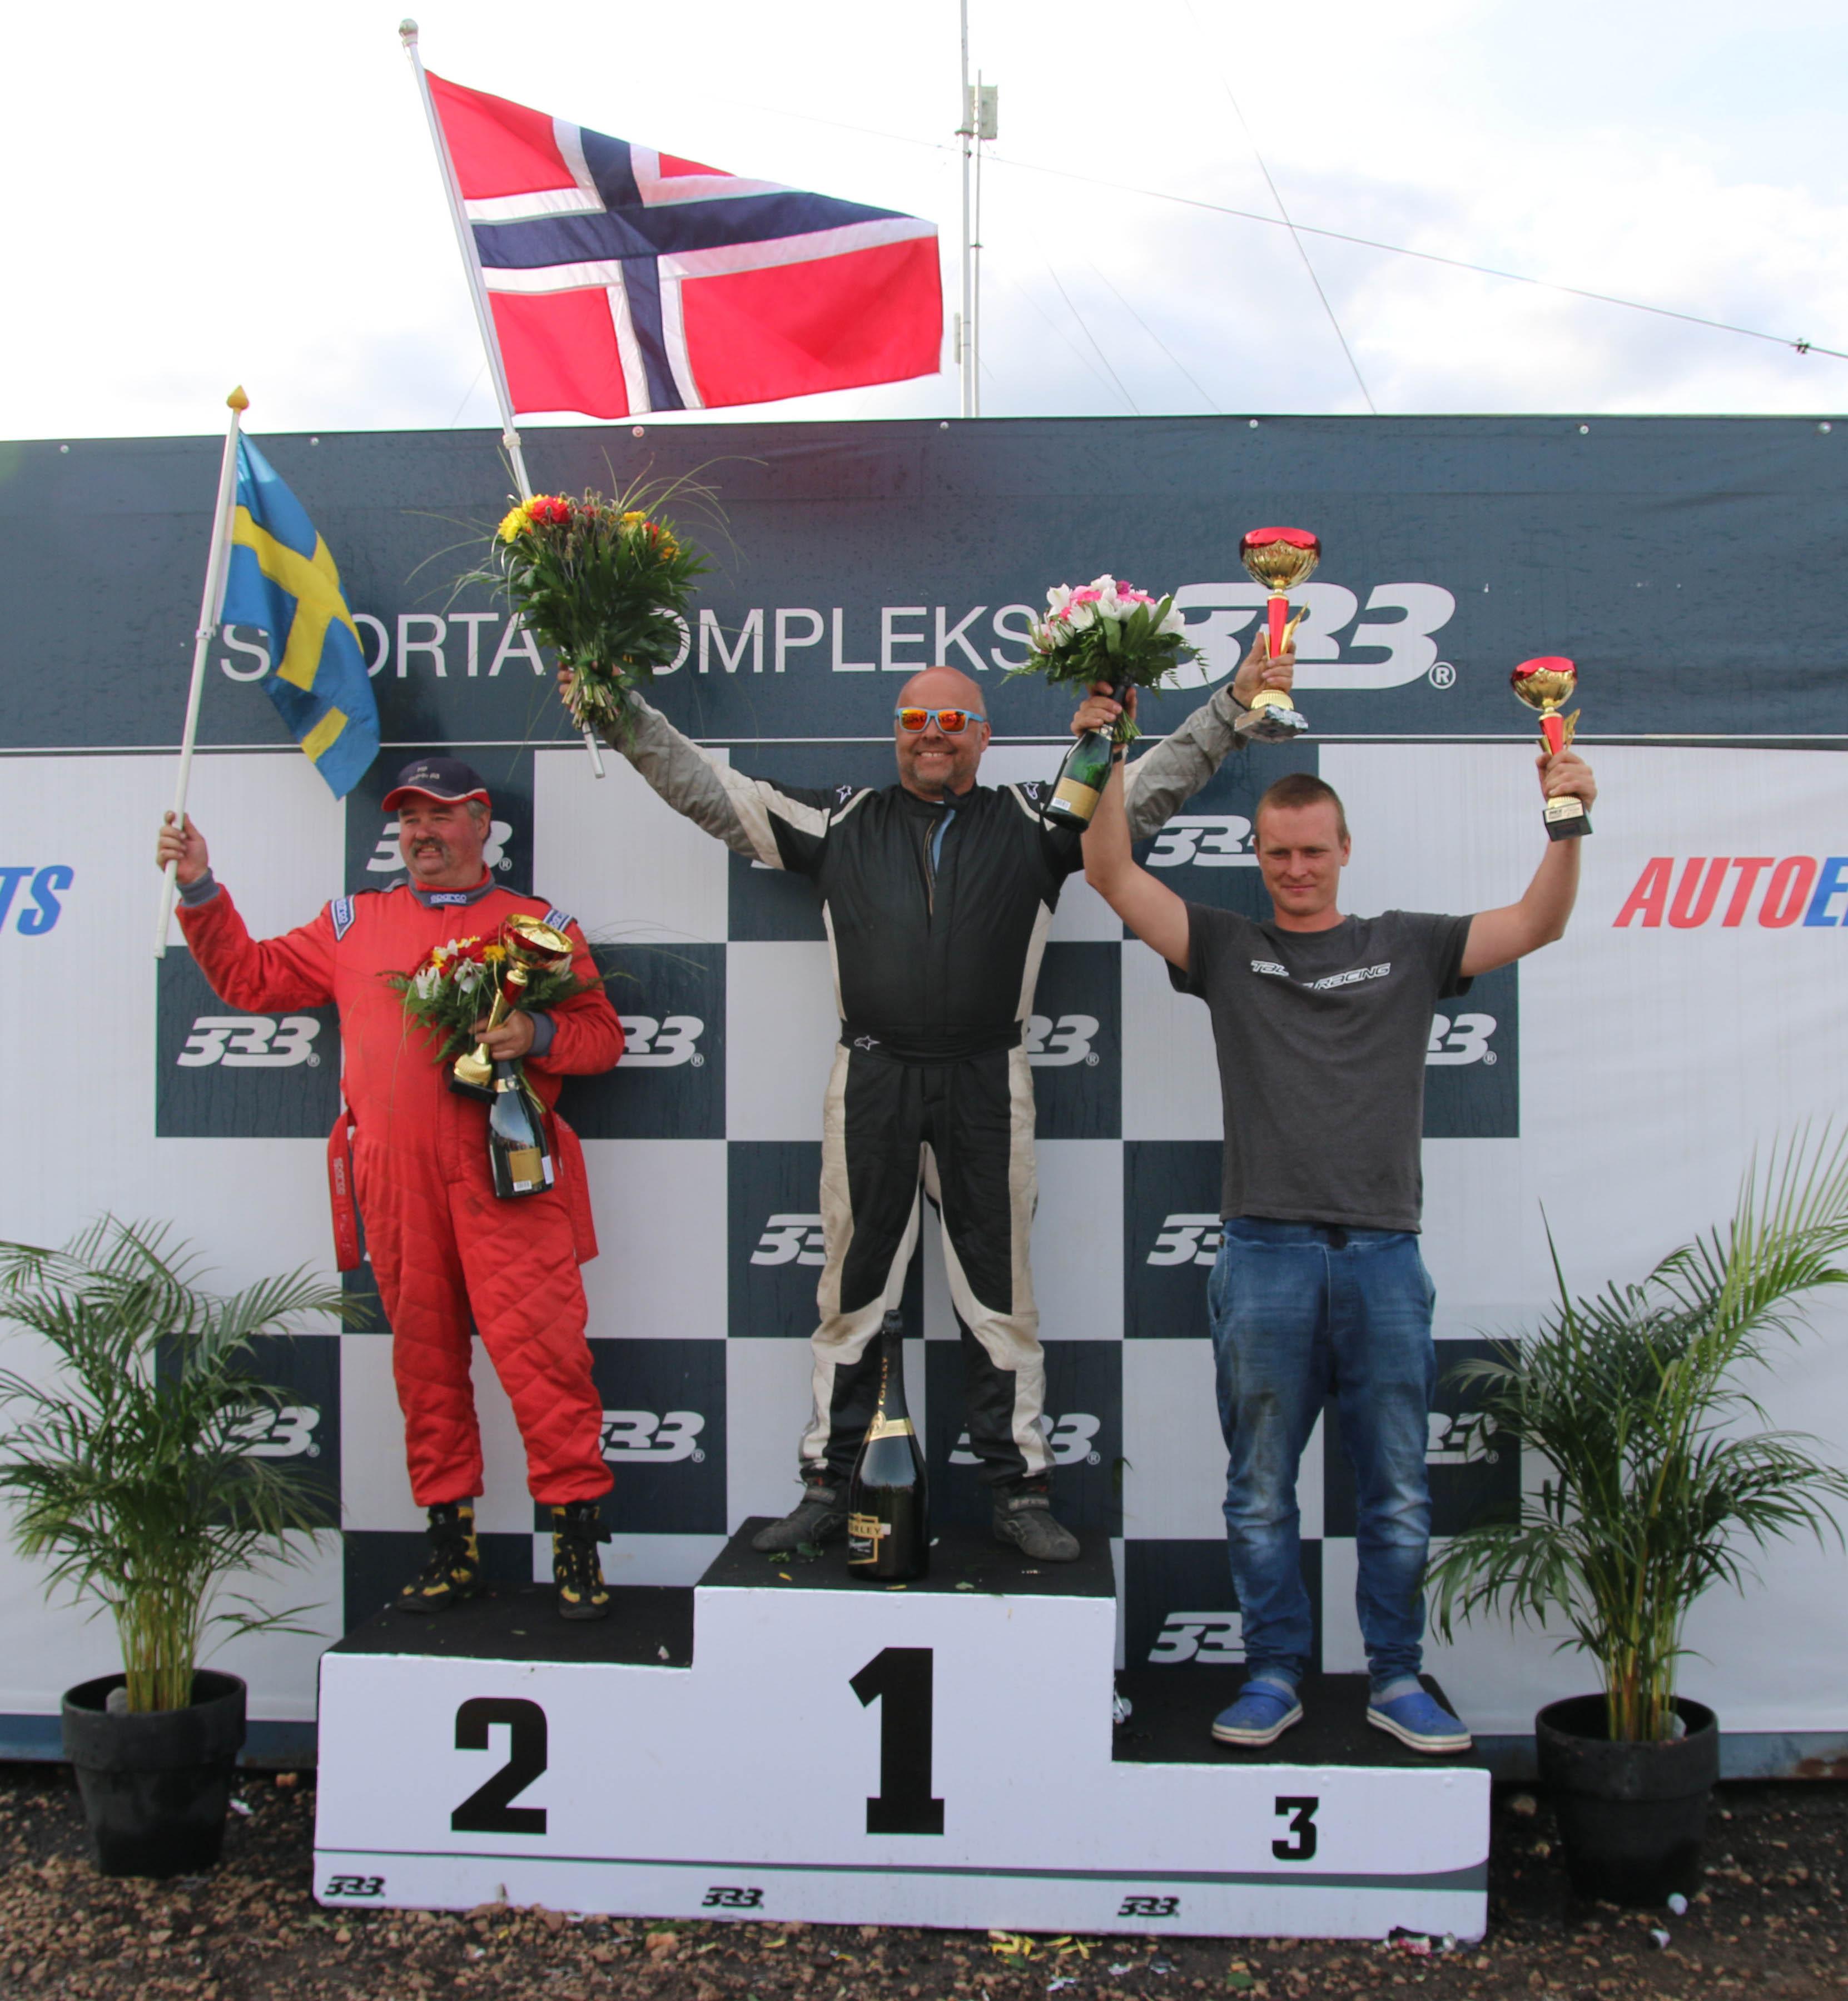 Pallen med Ola (1. plass), Mikael Persson (2. plass) og Krisaps Grunte (3. plass).